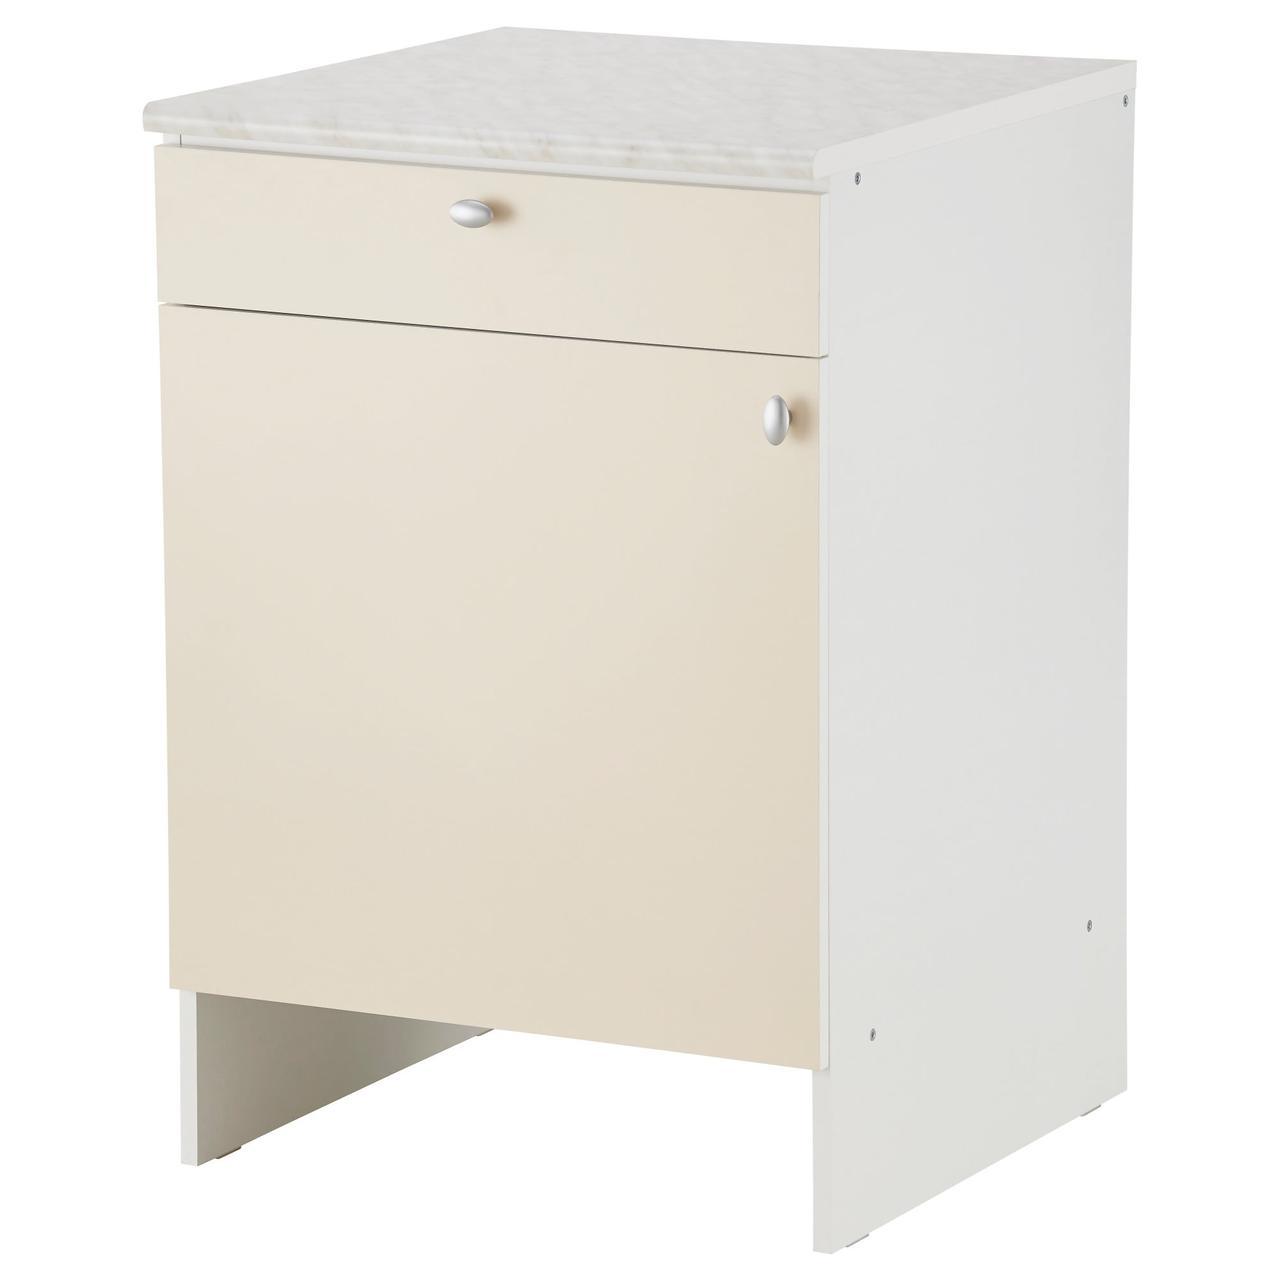 ОВЕРБУ Напольный шкаф с дверью и ящиком, бежевый